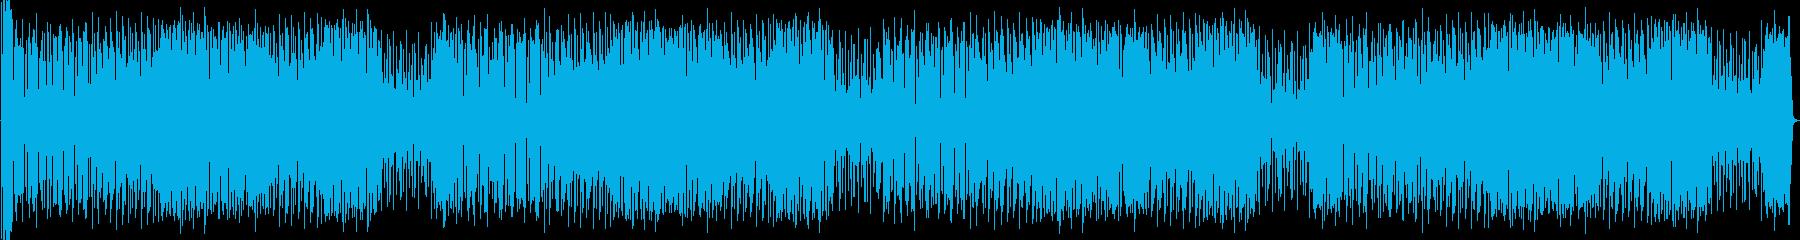 レトロな60年代のサウンドトラック...の再生済みの波形